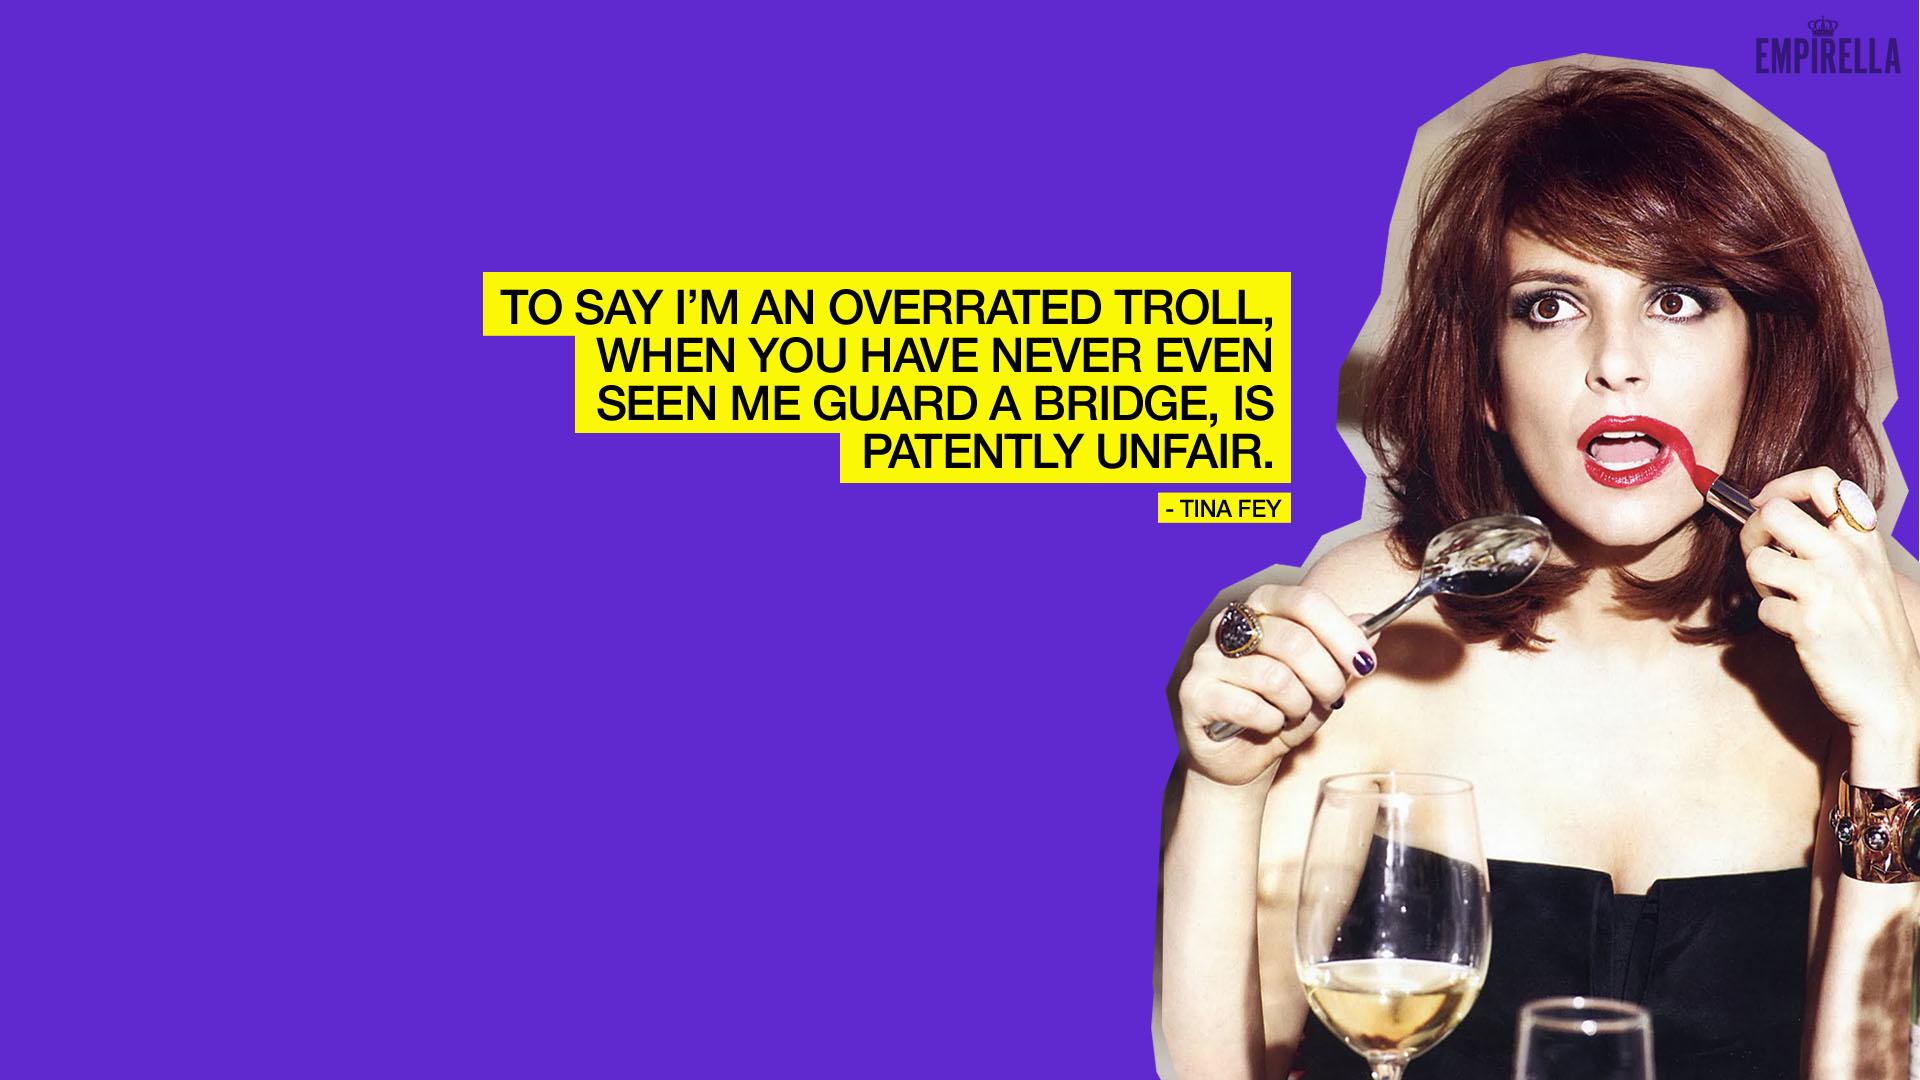 Tina Fey's quote #4